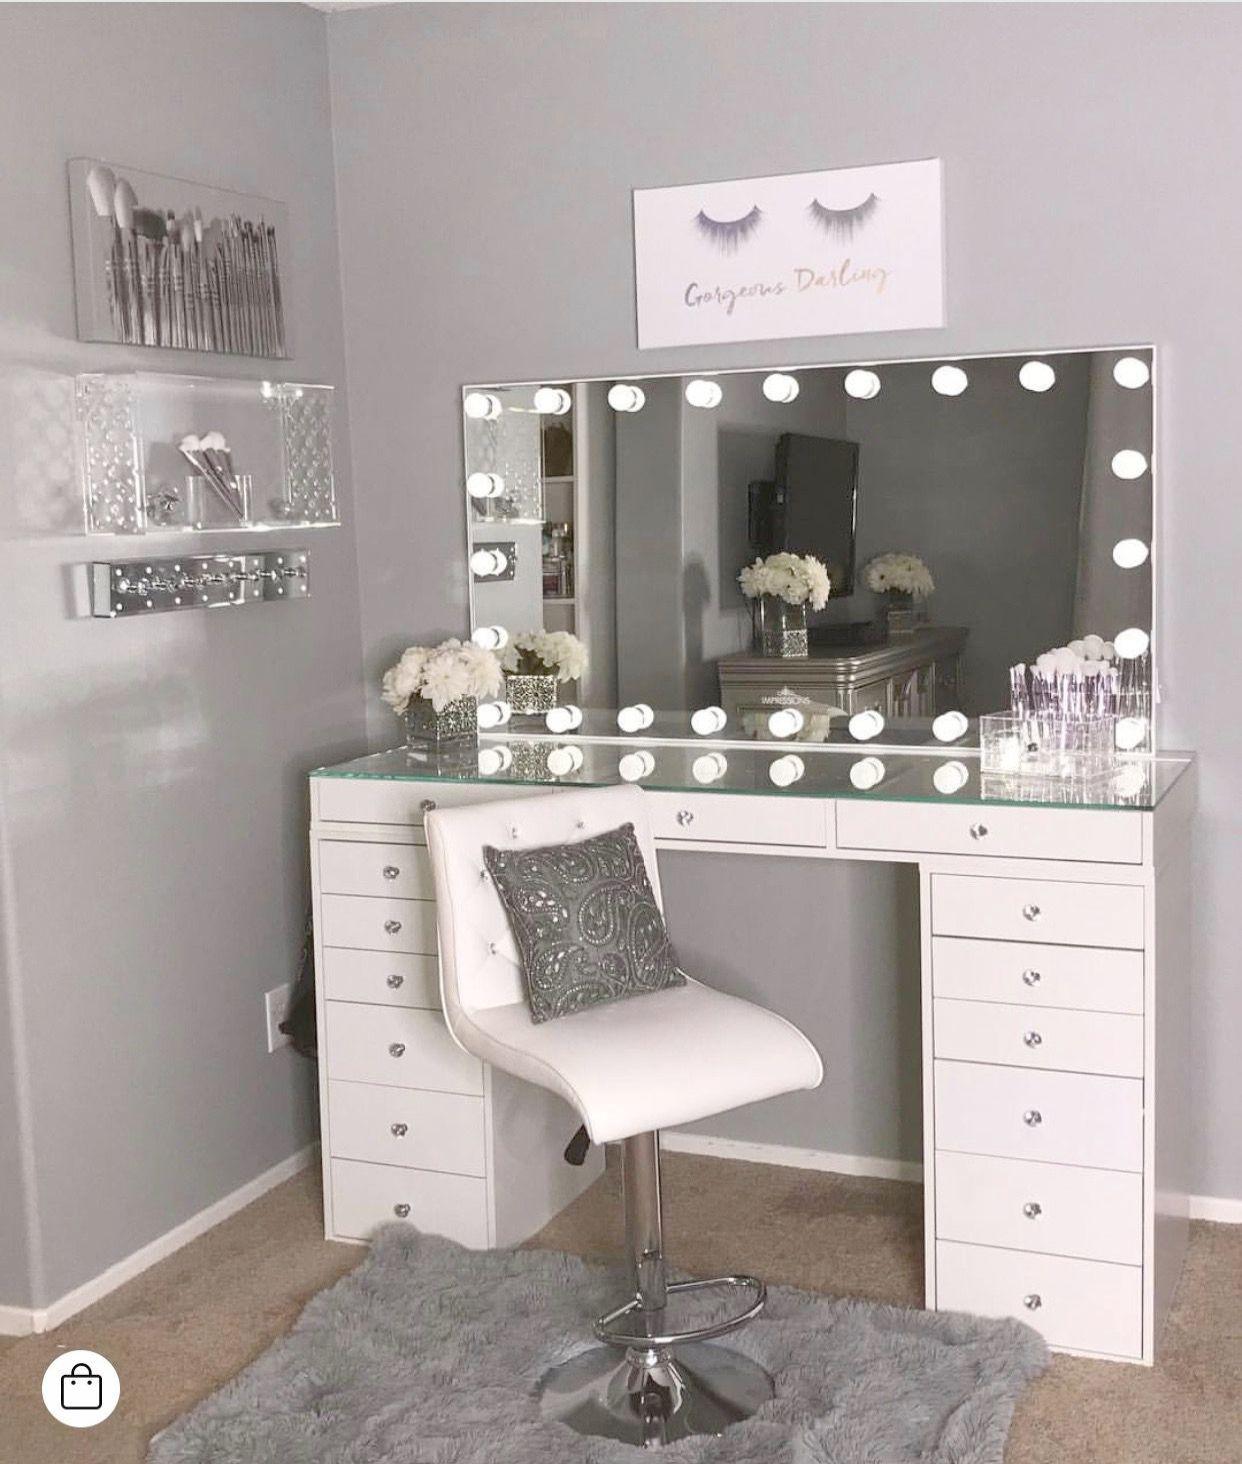 Makeup Vanity Mirror Ideas little Makeup Vanity Plans